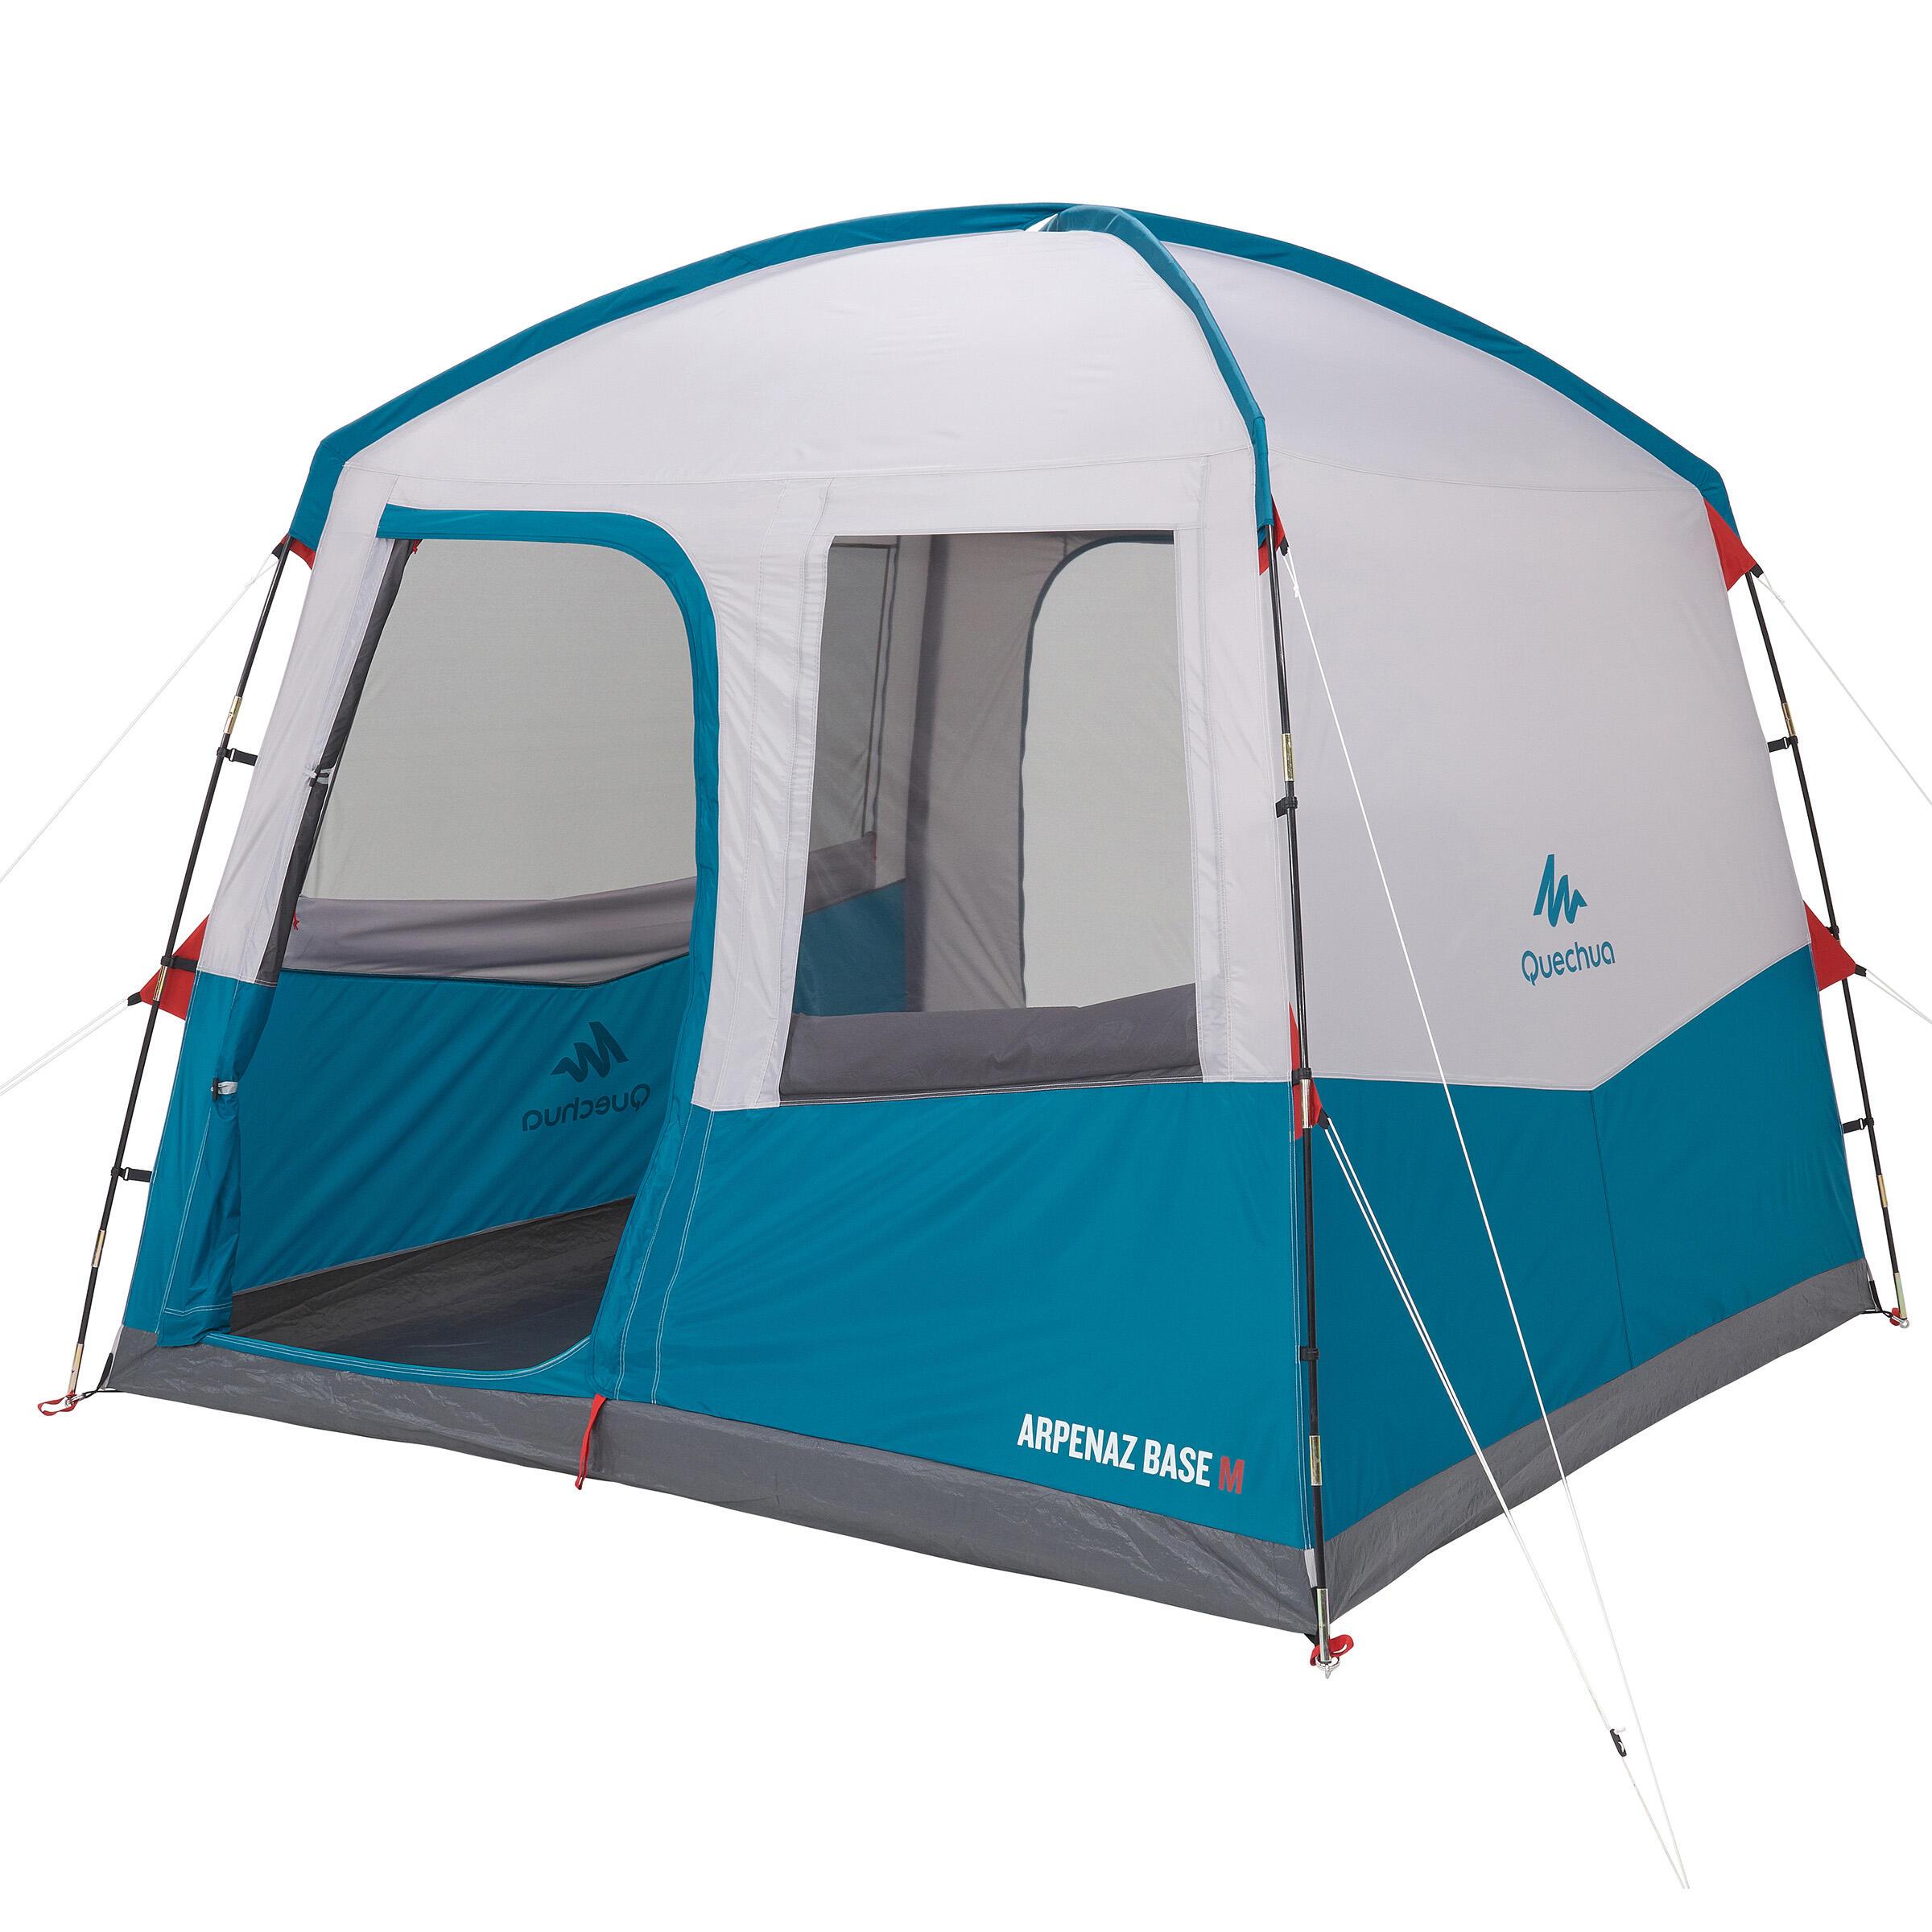 2b35a1a2c2a Comprar tiendas de campaña, refugios y parasoles | Decathlon